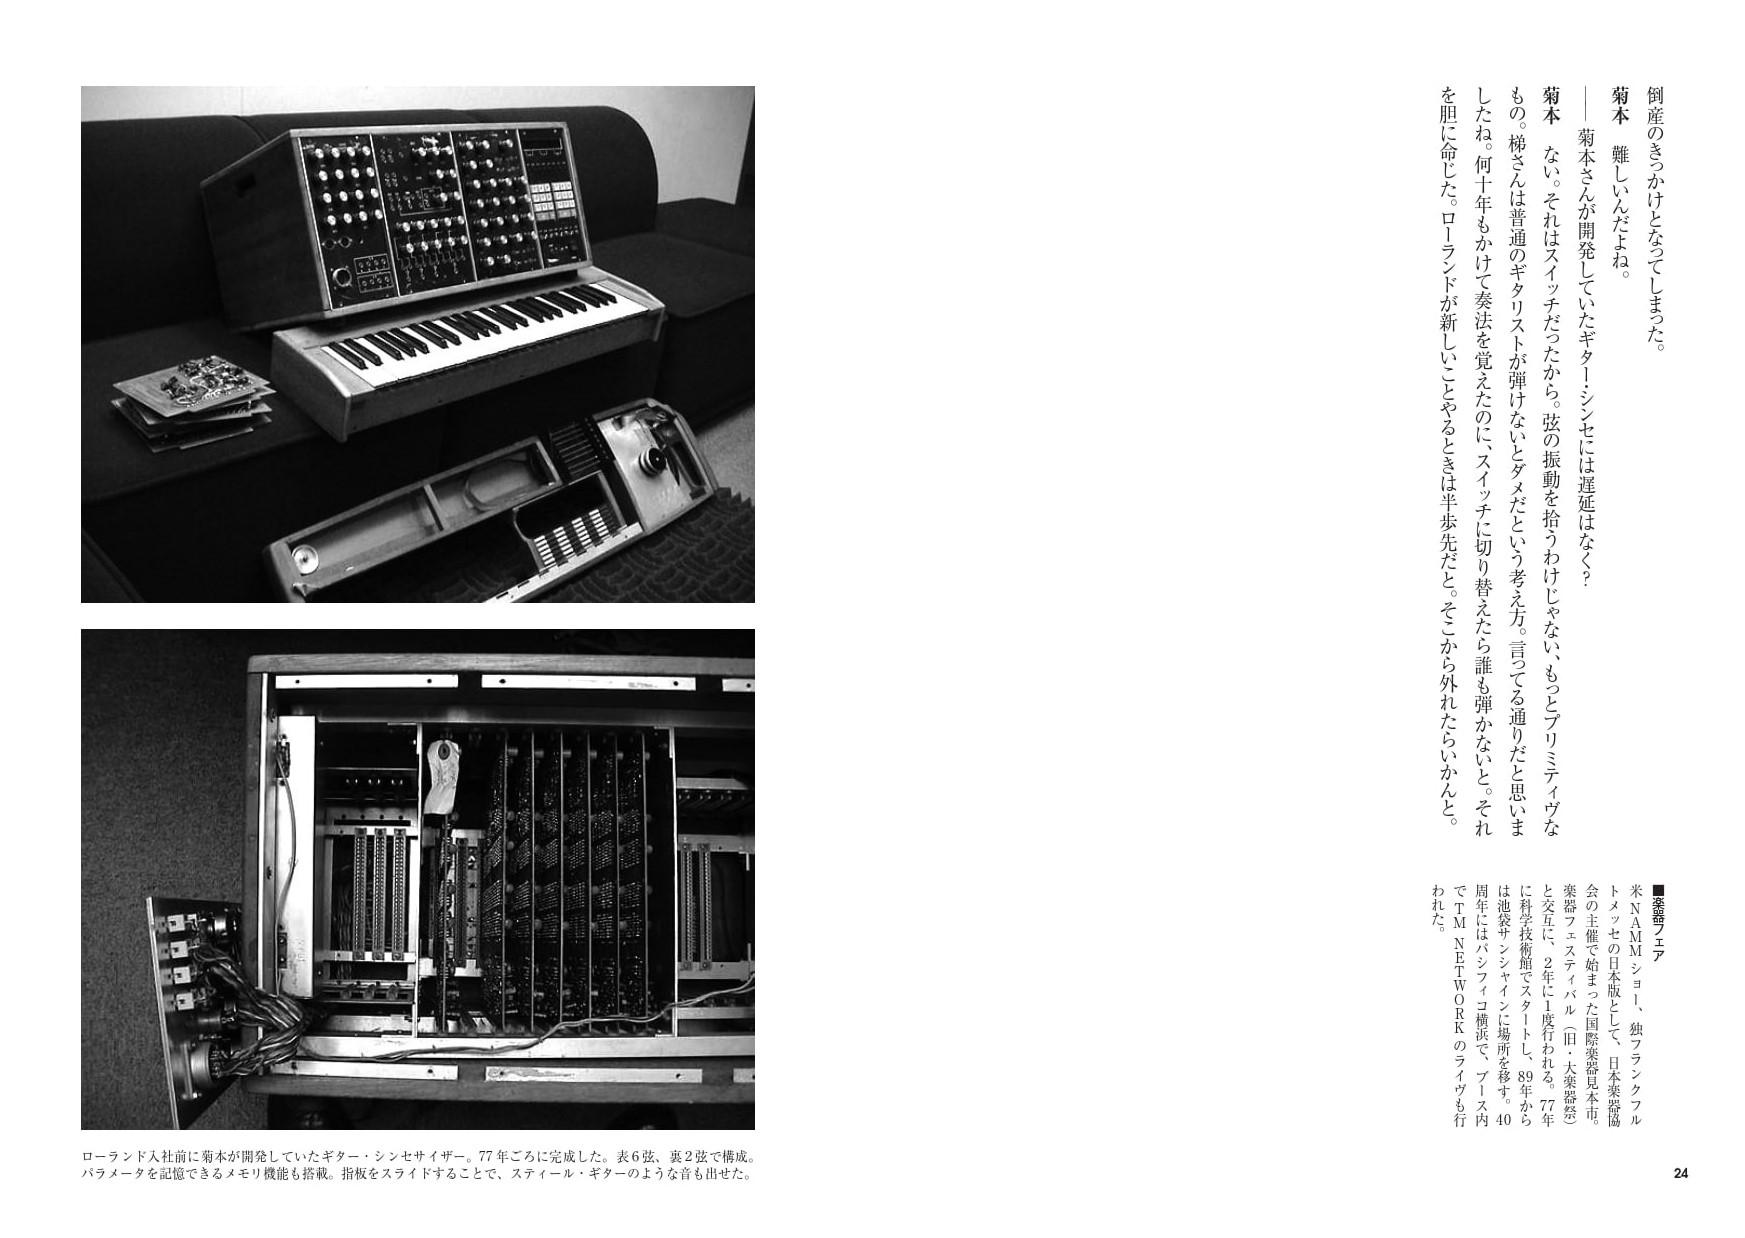 田中雄二 - TR-808<ヤオヤ>を作った神々 ──菊本忠男との対話──電子音楽 in JAPAN外伝 : BOOK gallery 1